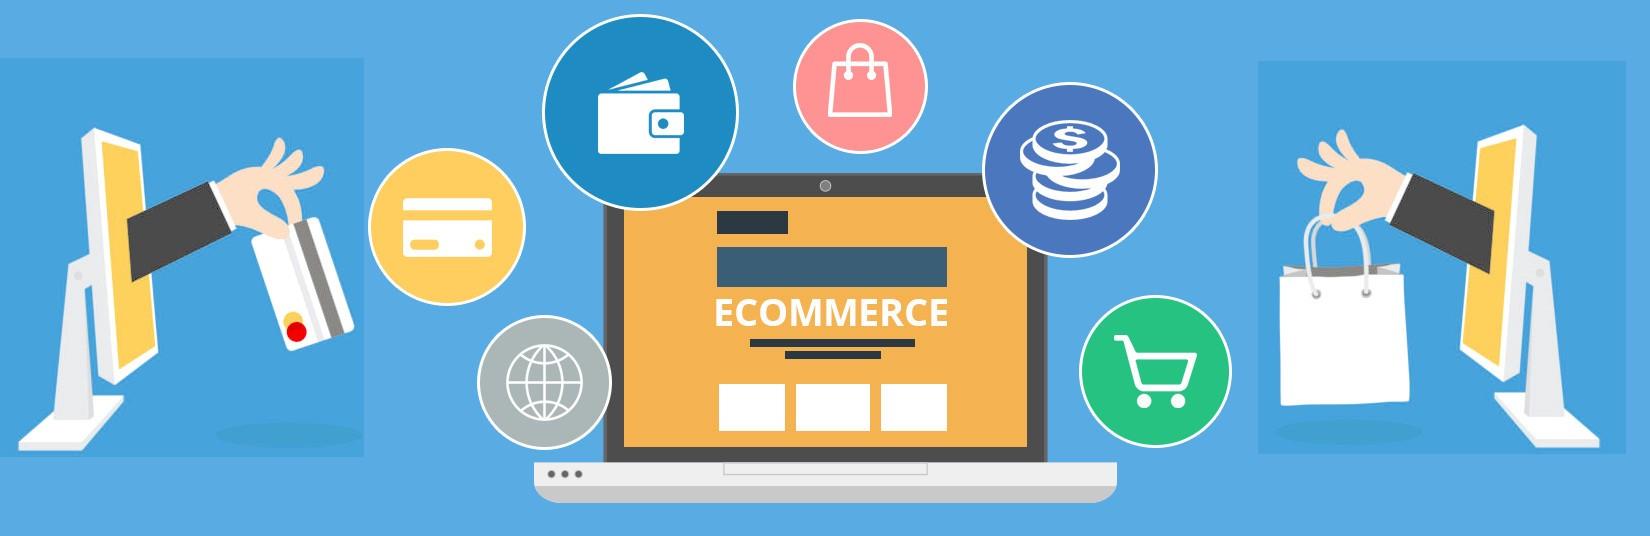 Resultados Digitales 2019: El e-commerce en alza